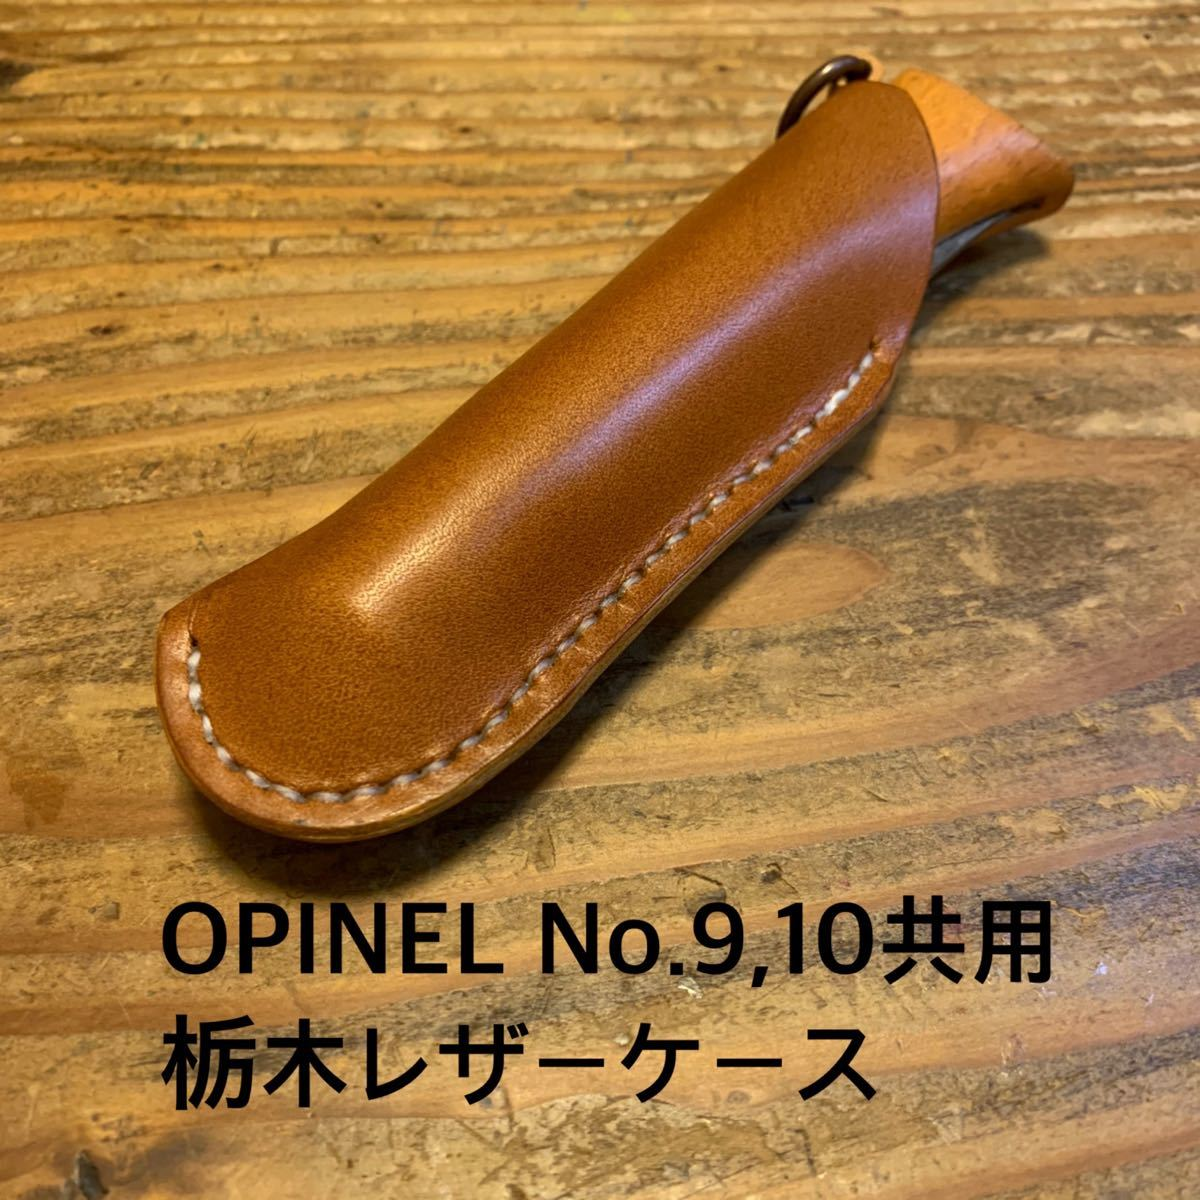 栃木レザー オピネルNo.9, 10ケース、SOTOガストーチケース ブラウン色